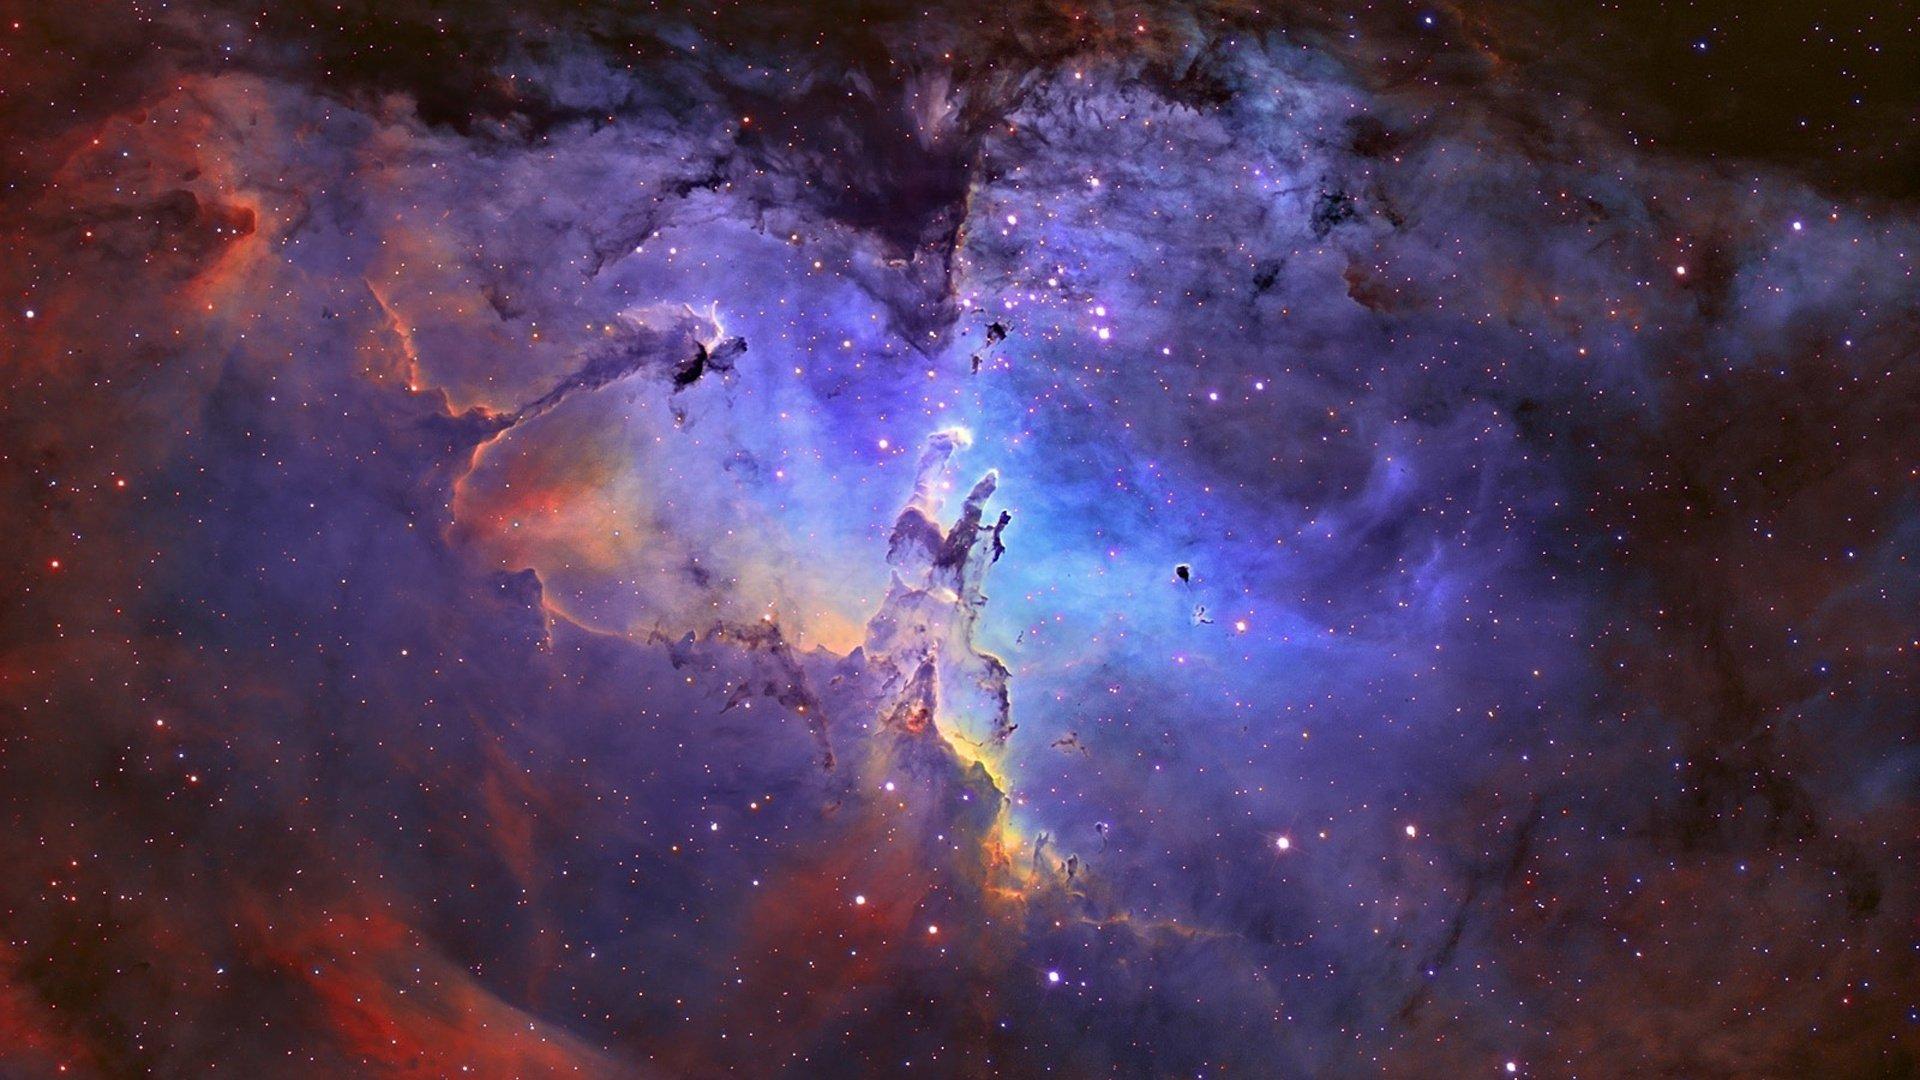 Зачем ученые раскрашивают черно-белые фото из космоса, сделанные Хабблом